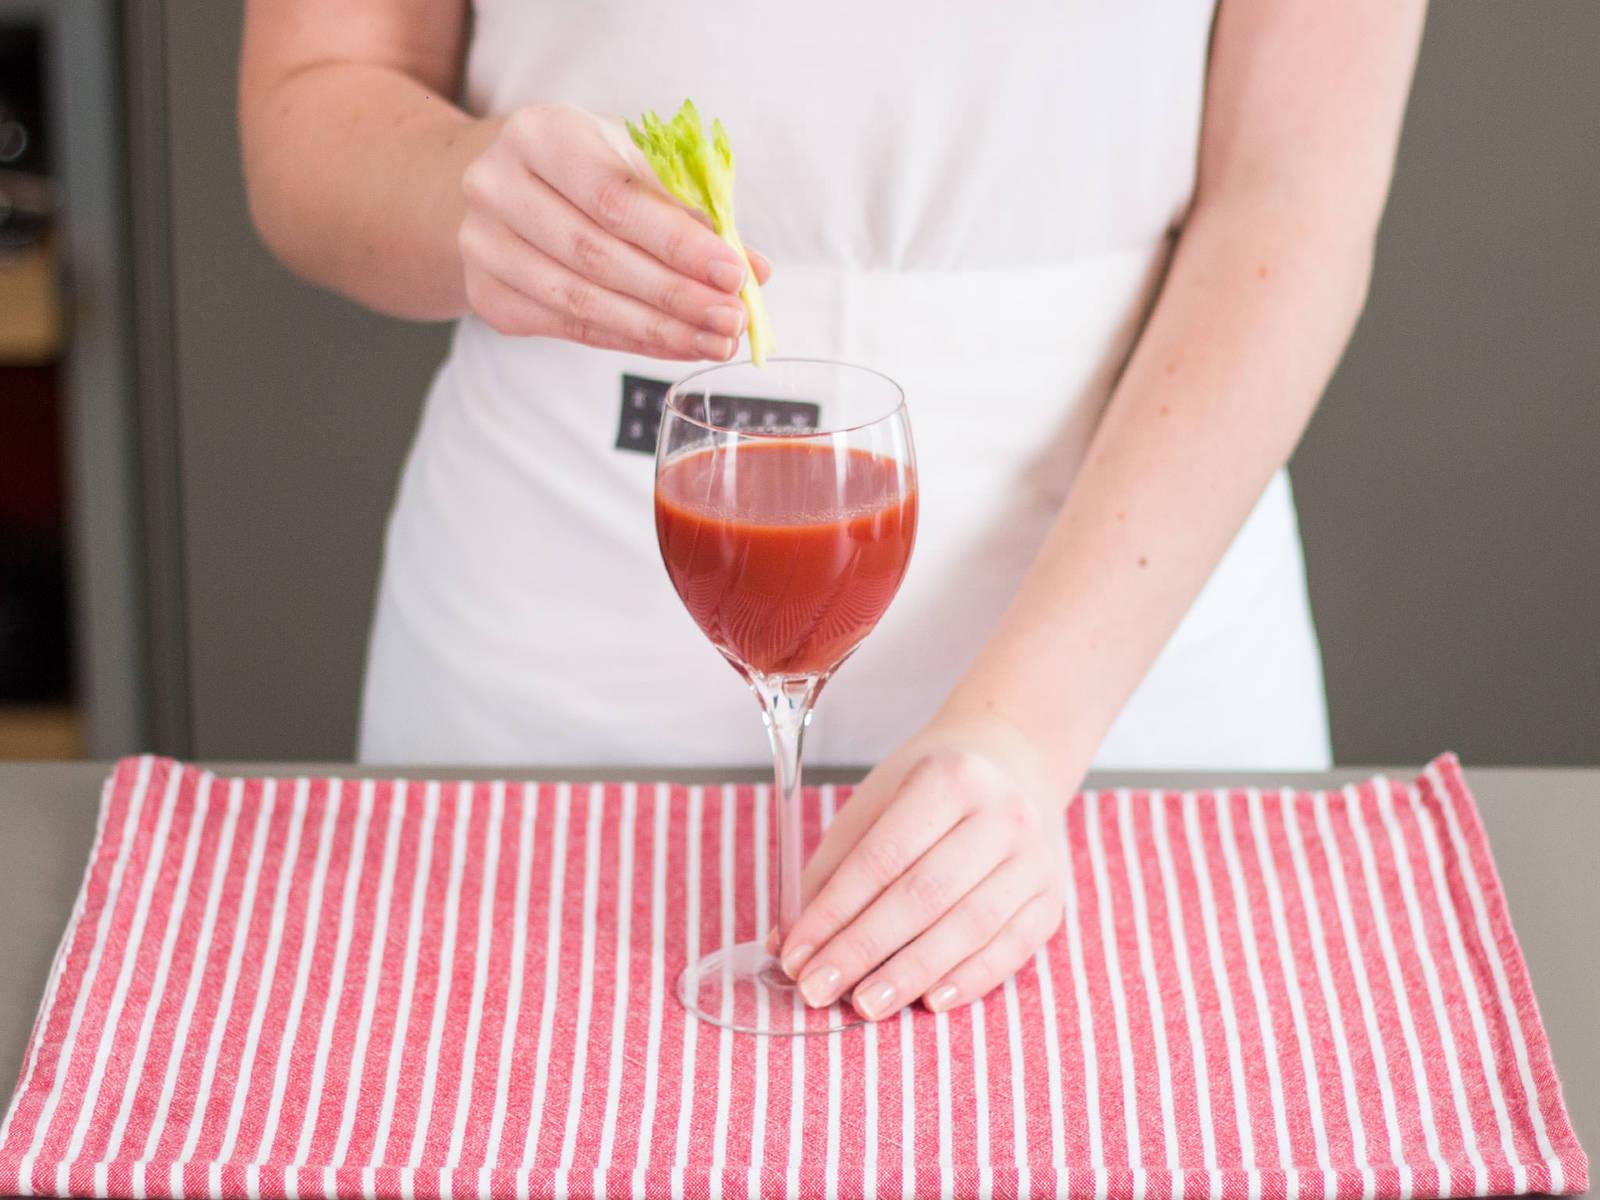 将混合物倒入杯中,饰以芹菜与现磨黑胡椒,搭配早午餐享用!